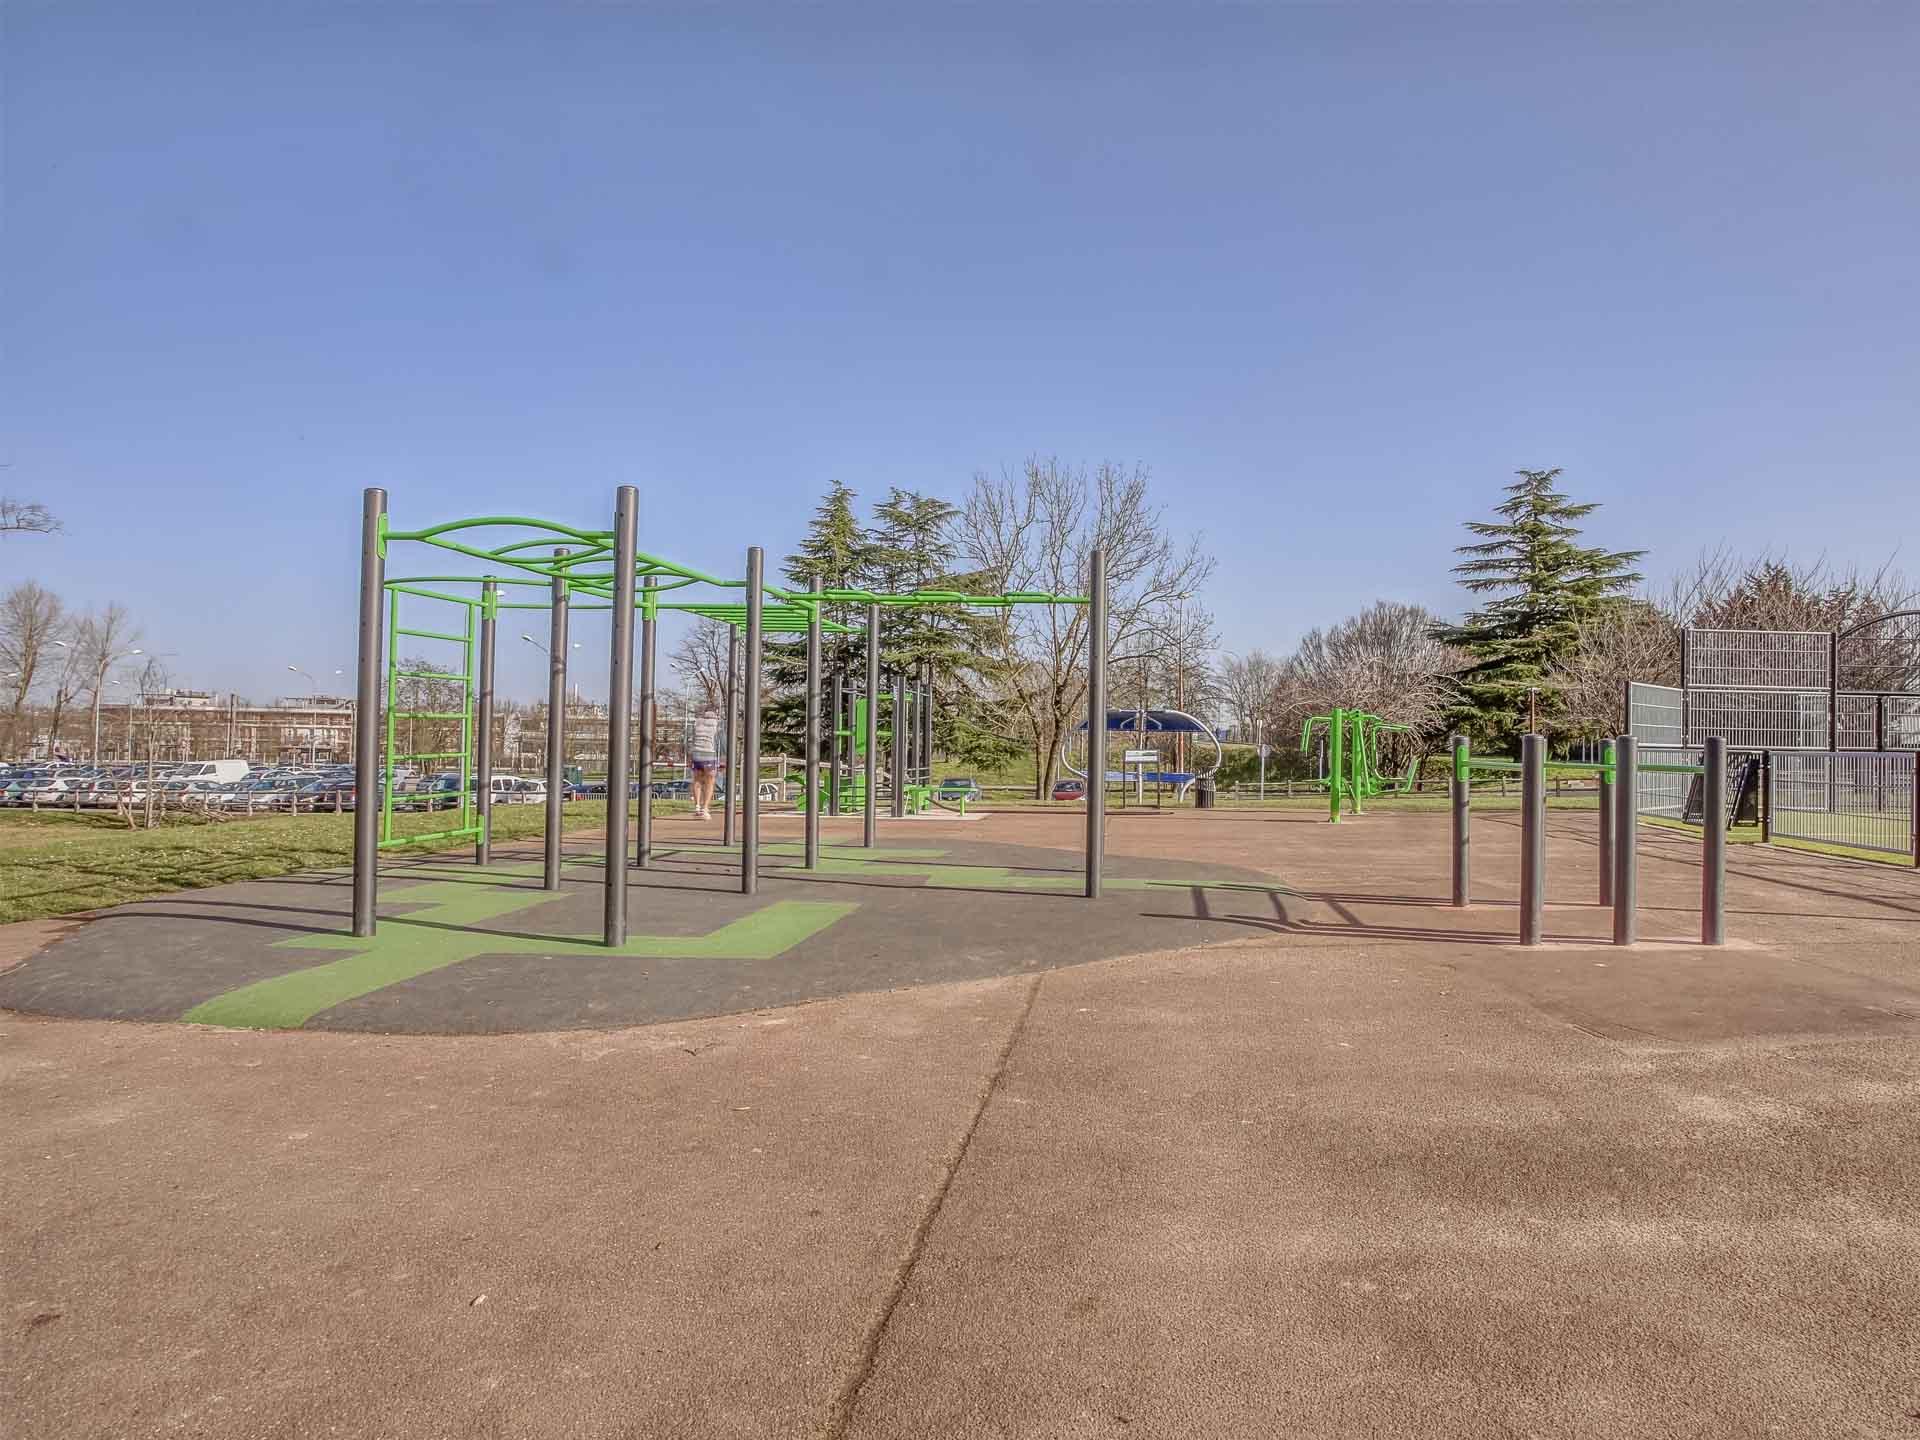 Photo du spot de Street-Workout de Quincy-sous-Sénart